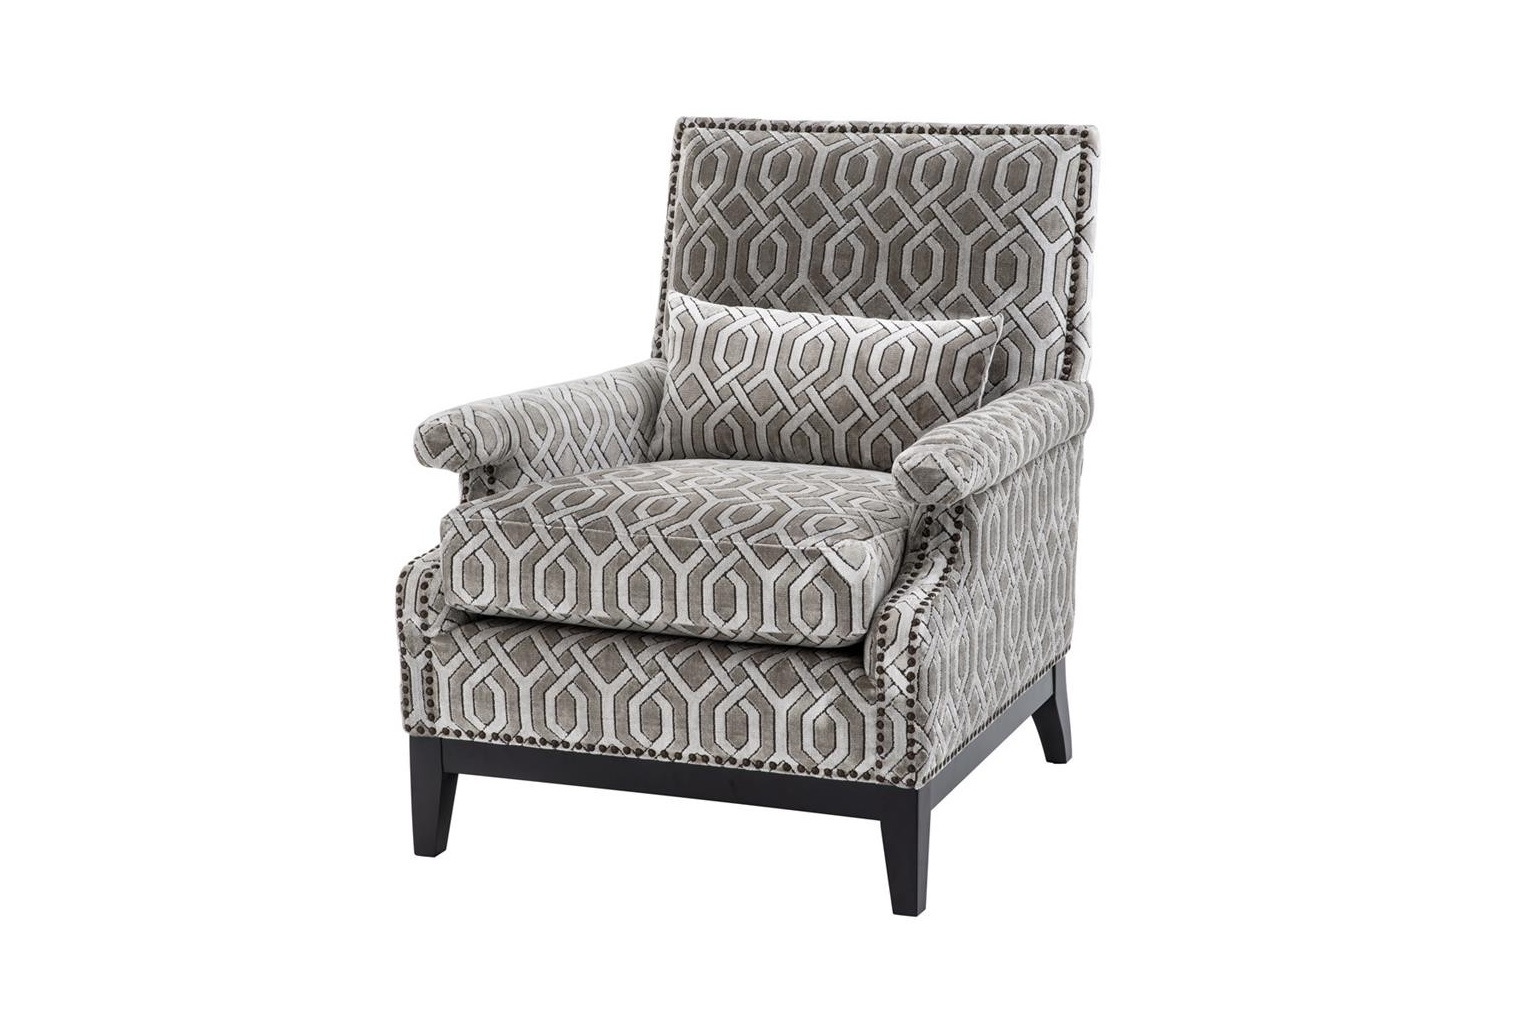 Кресло GoldoniИнтерьерные кресла<br><br><br>Material: Вельвет<br>Width см: 75<br>Depth см: 85<br>Height см: 93